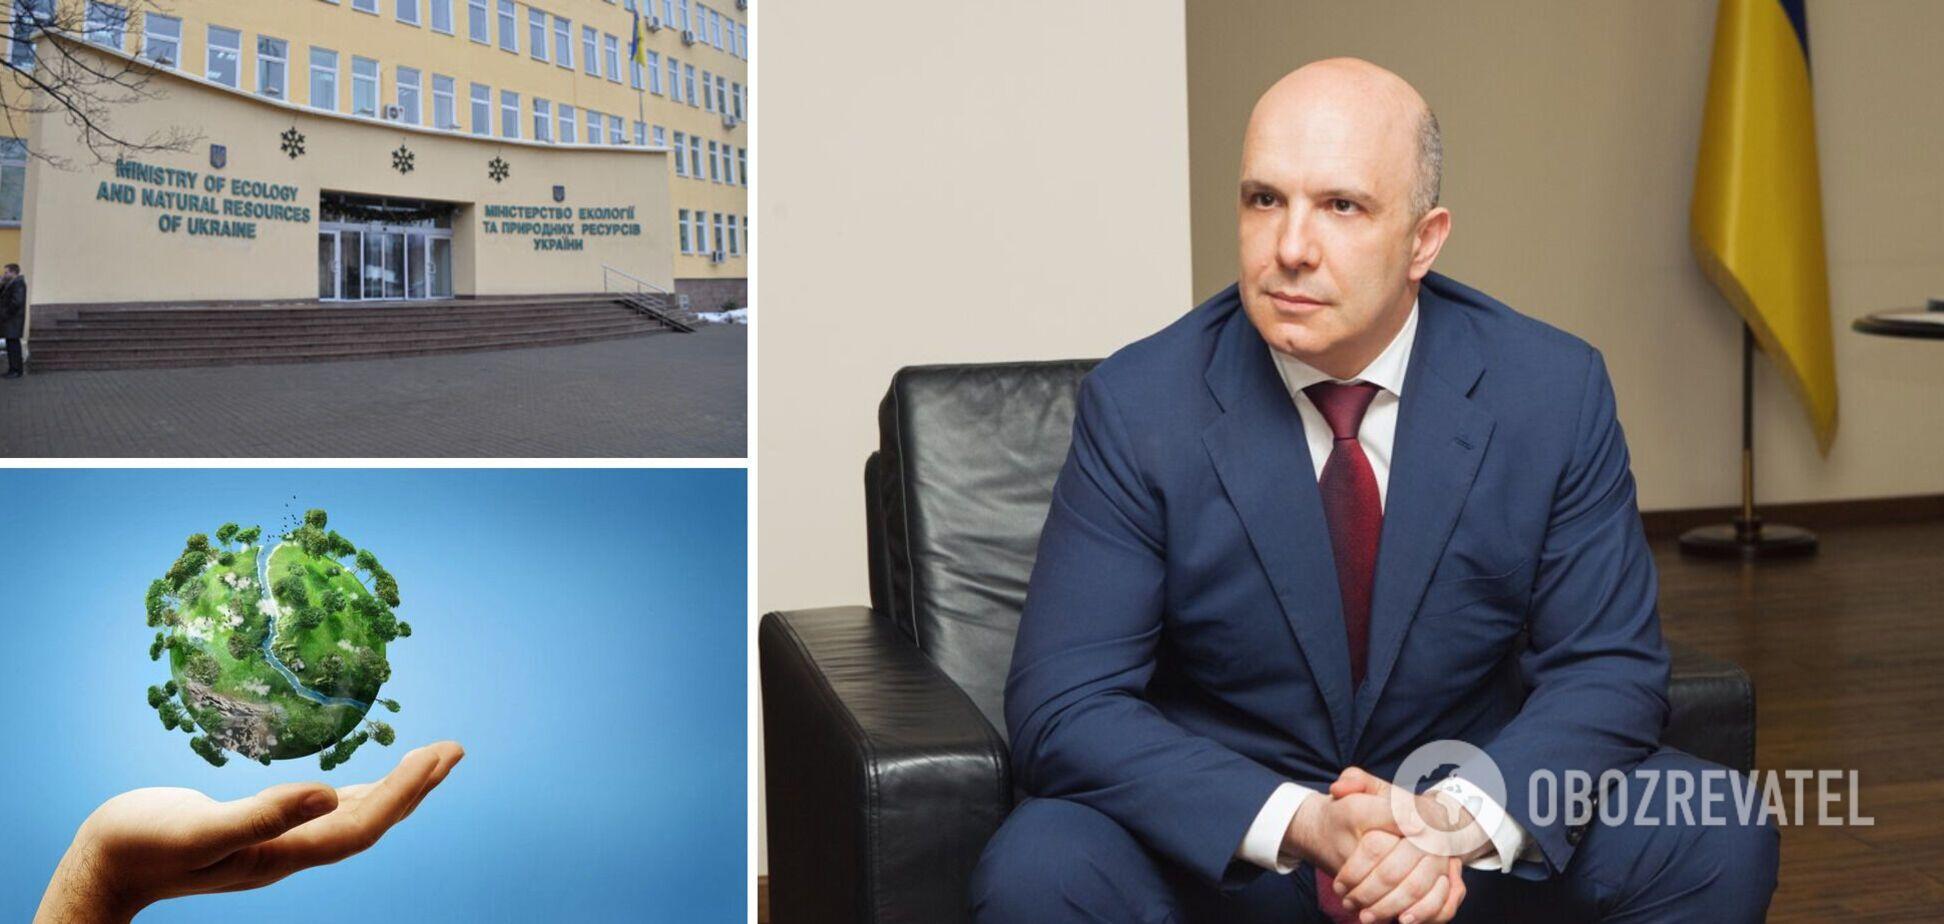 Міністр екології Абрамовський написав заяву про відставку